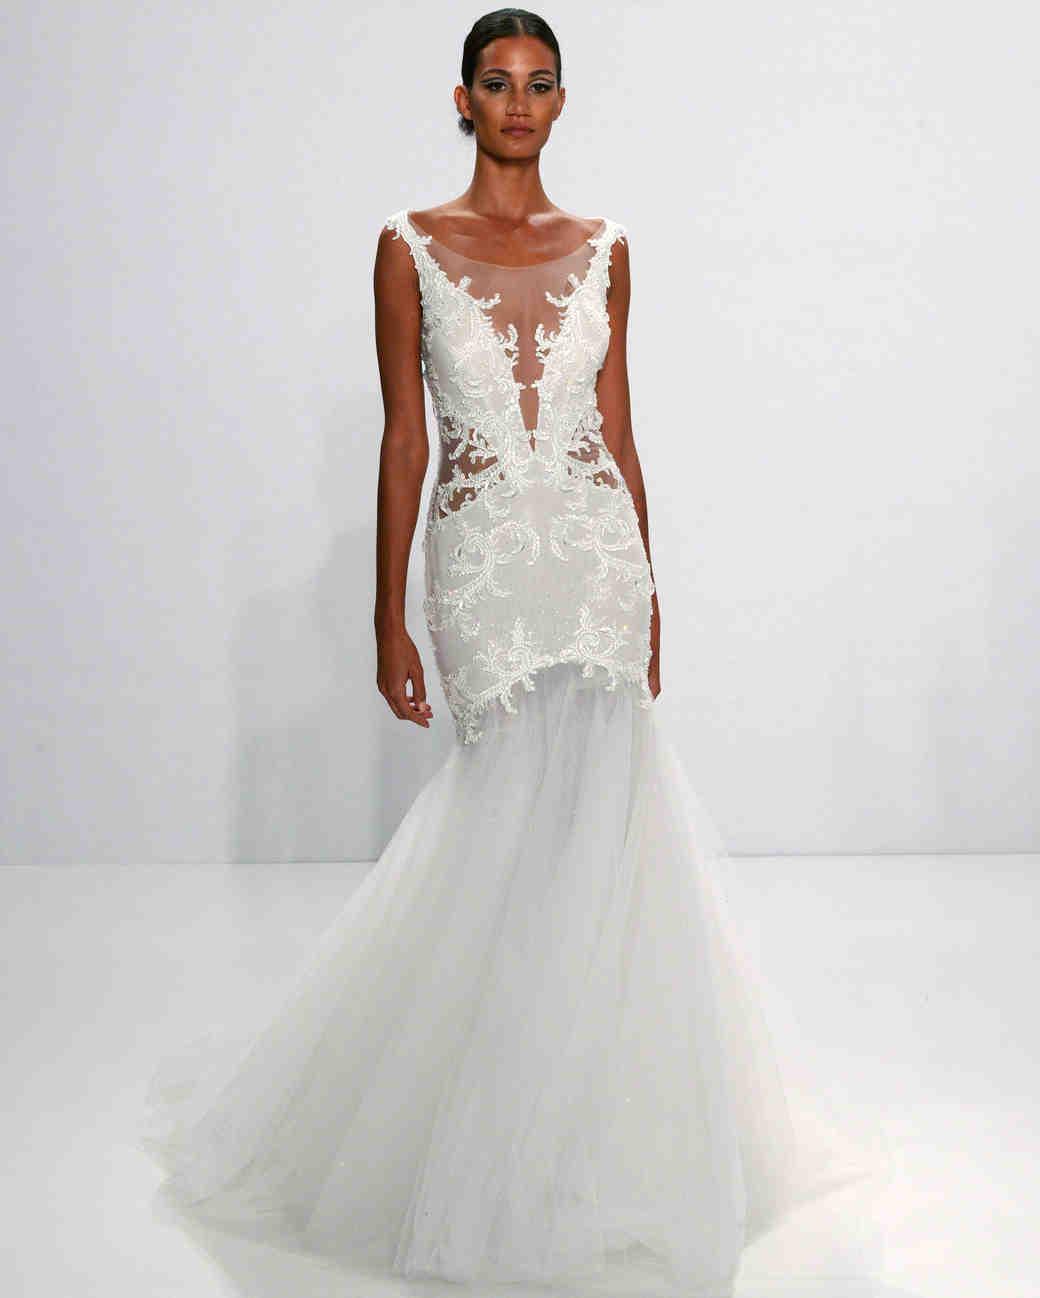 Pnina tornai fall 2017 wedding dress collection martha for Pnina tornai wedding dresses